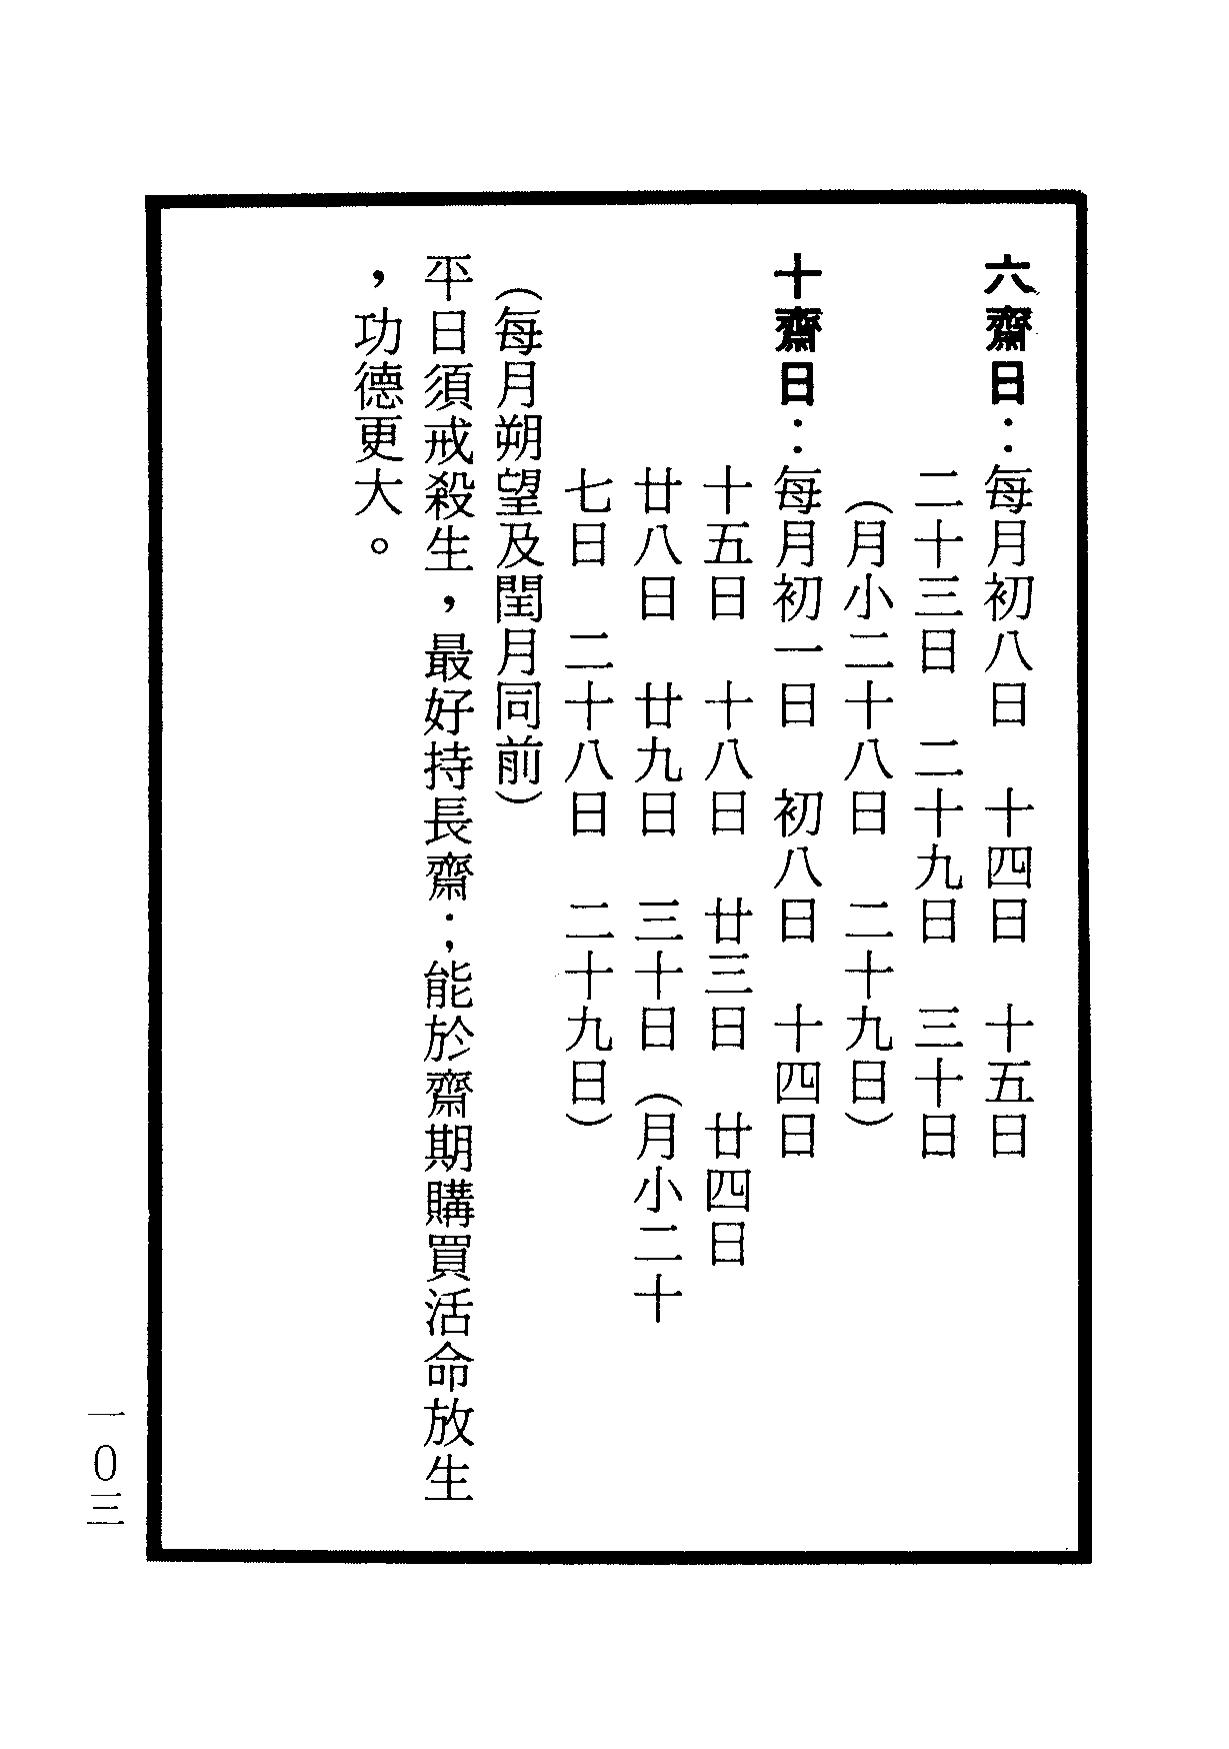 楞嚴咒-大悲咒-十小咒-易背本 109.png